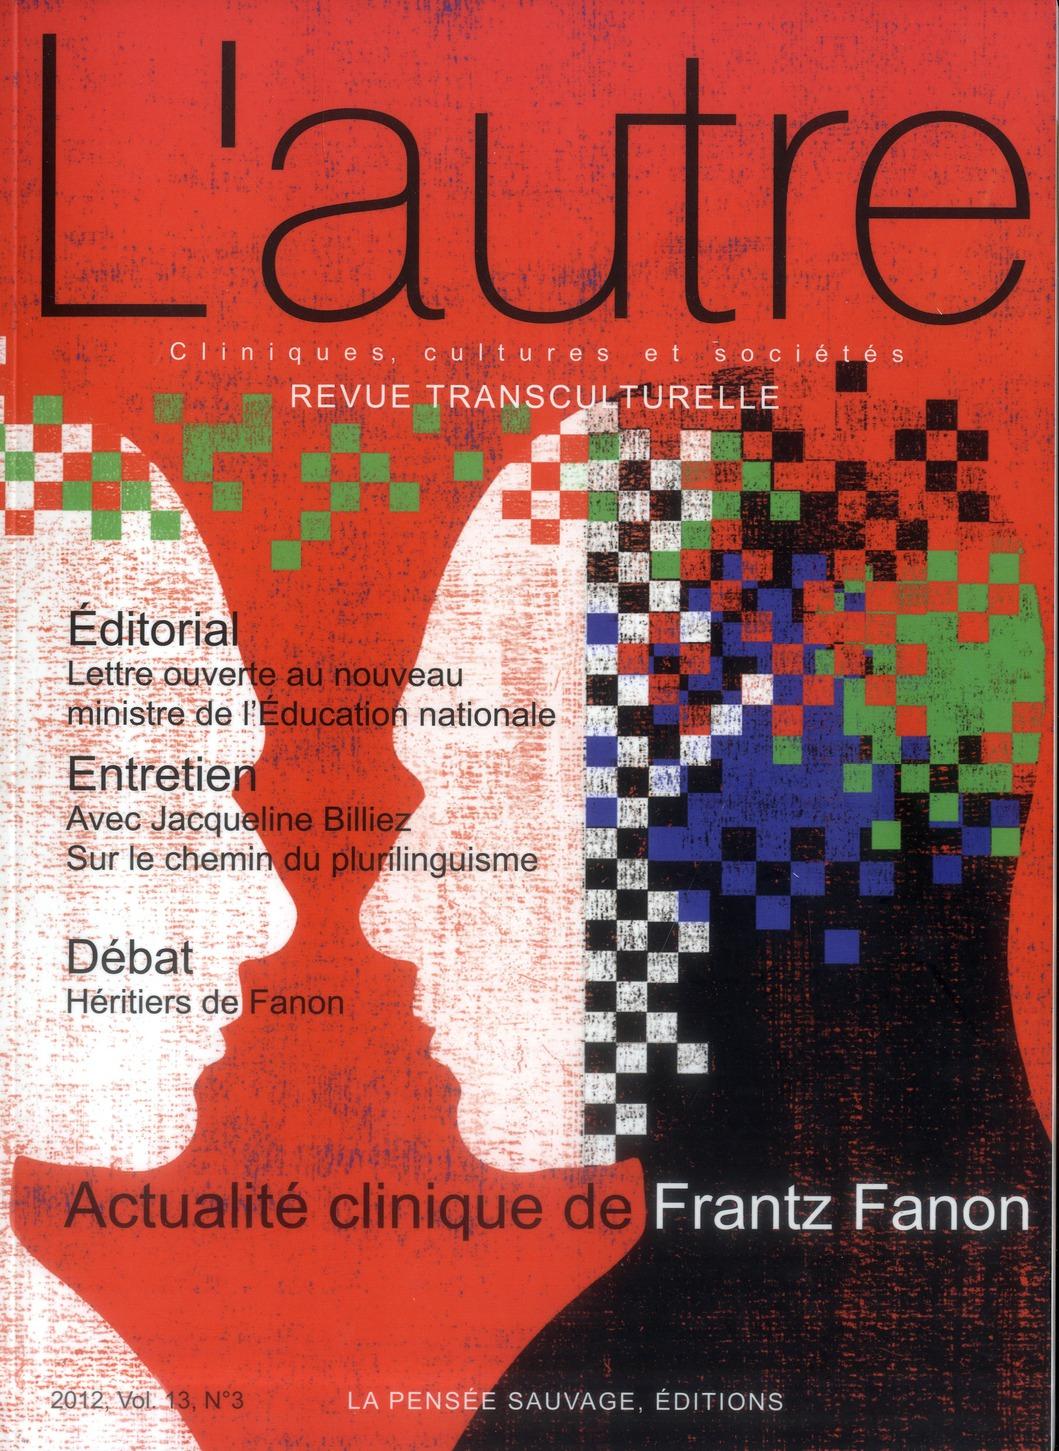 ACTUALITE CLINIQUE DE FRANTZ FANON